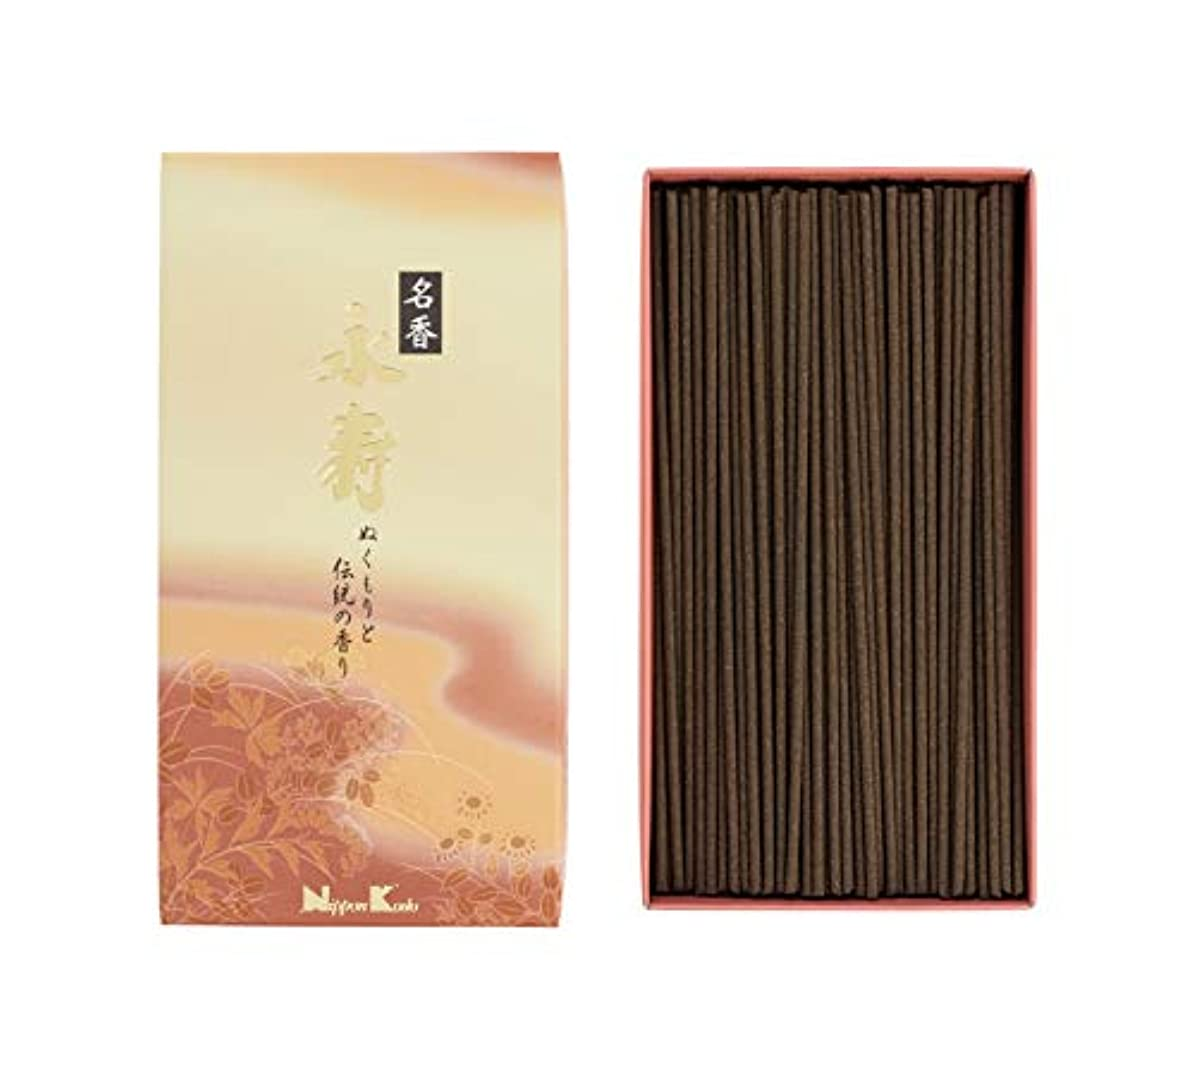 シャンプー縮約つまらない名香 永寿 バラ詰 22051